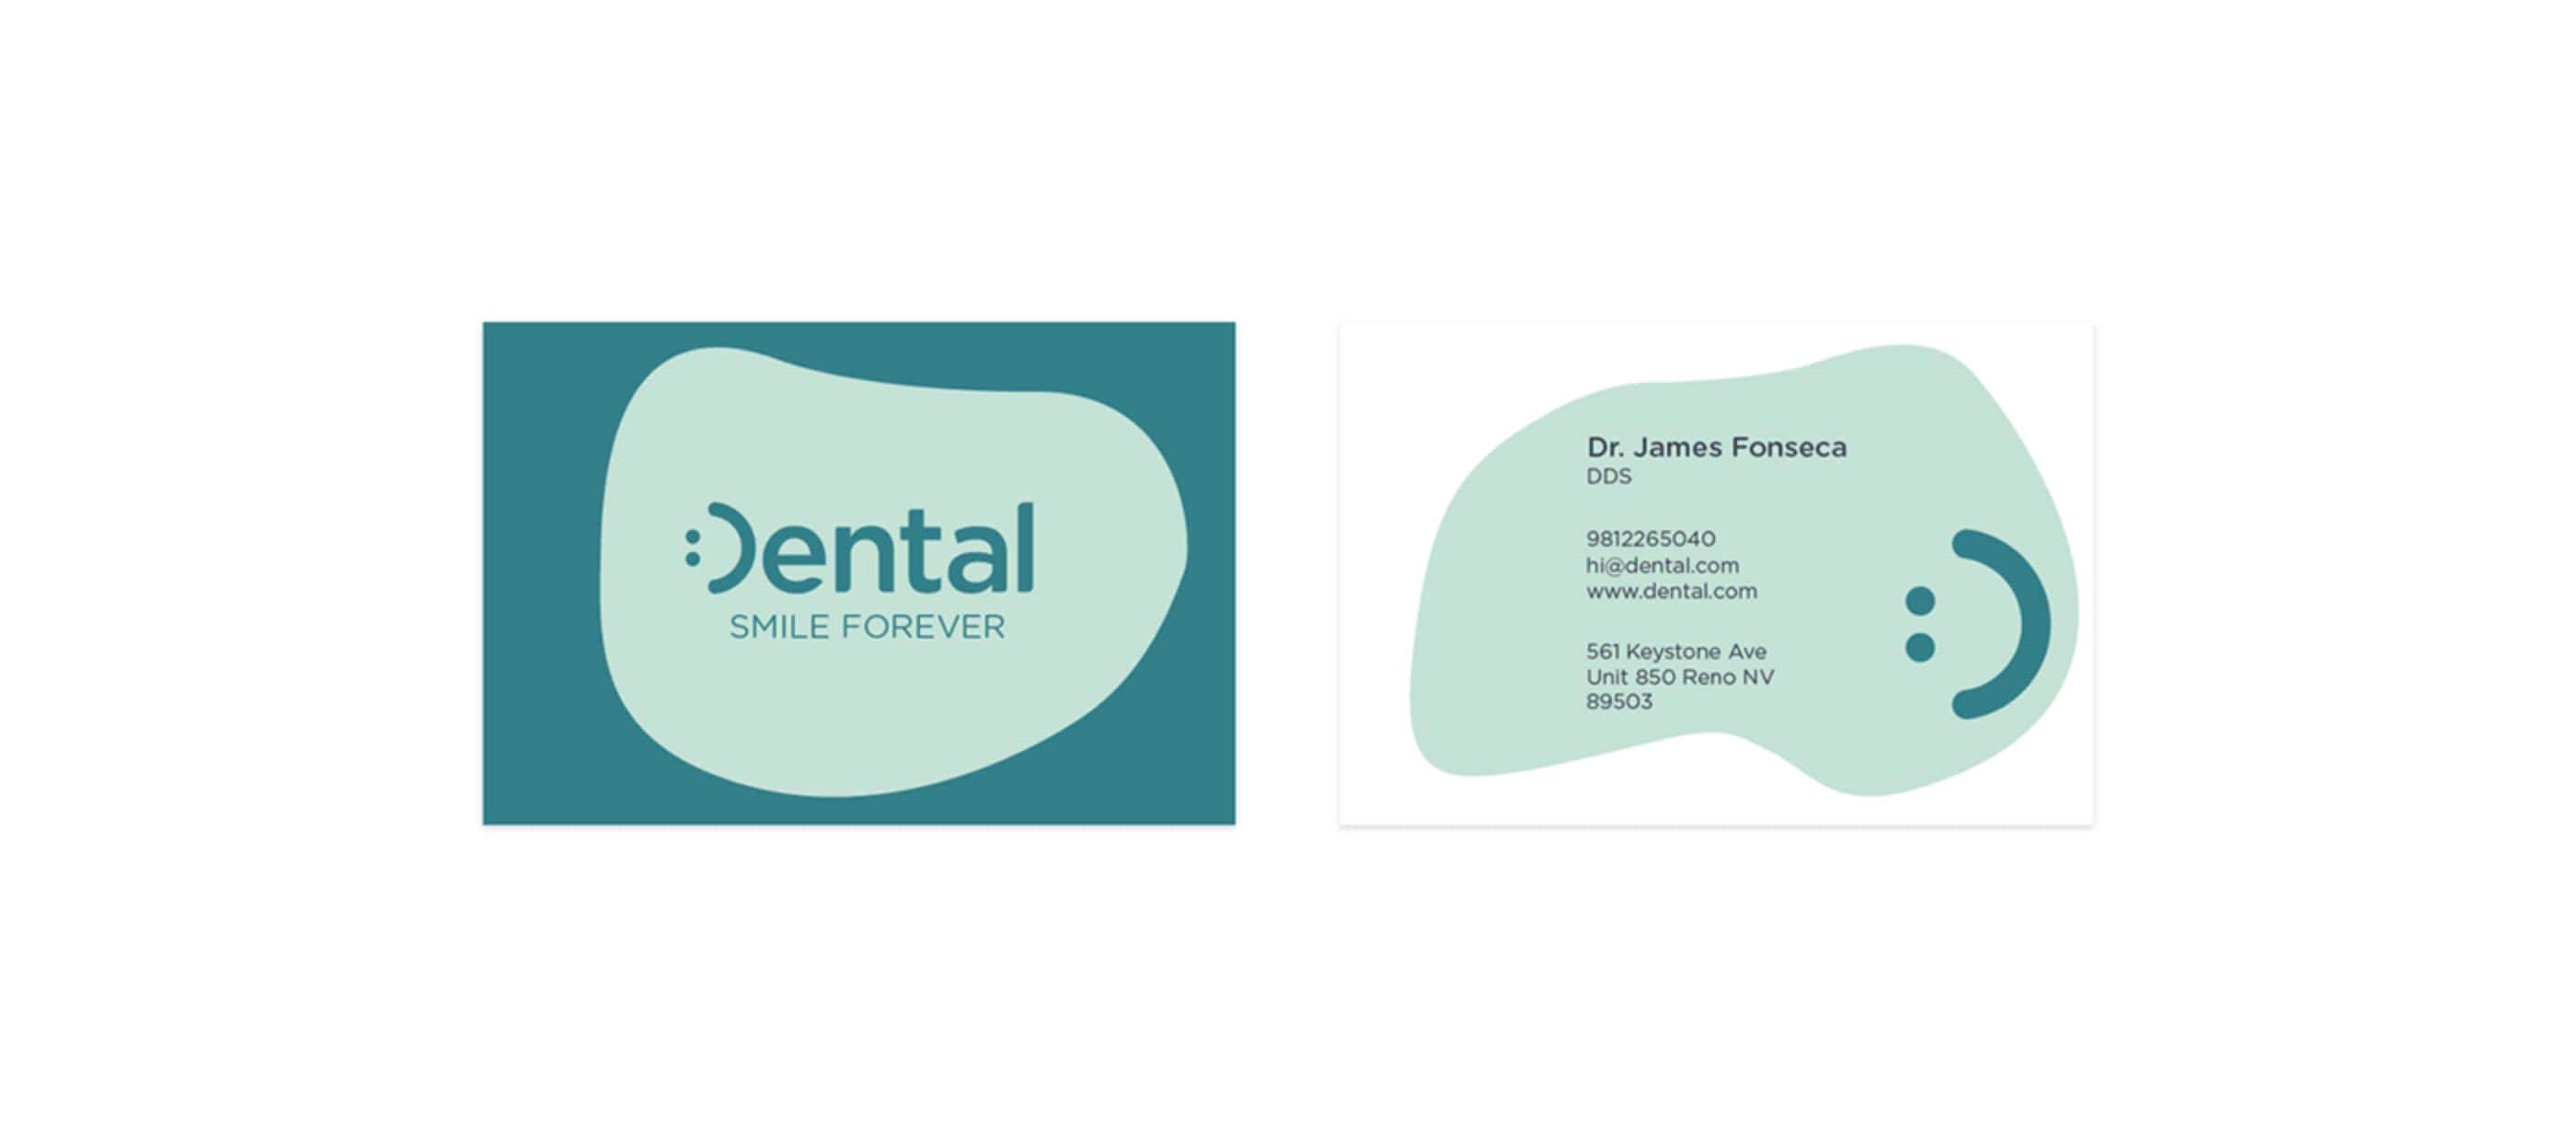 Dental.com Brand Identity & UI/UX Design